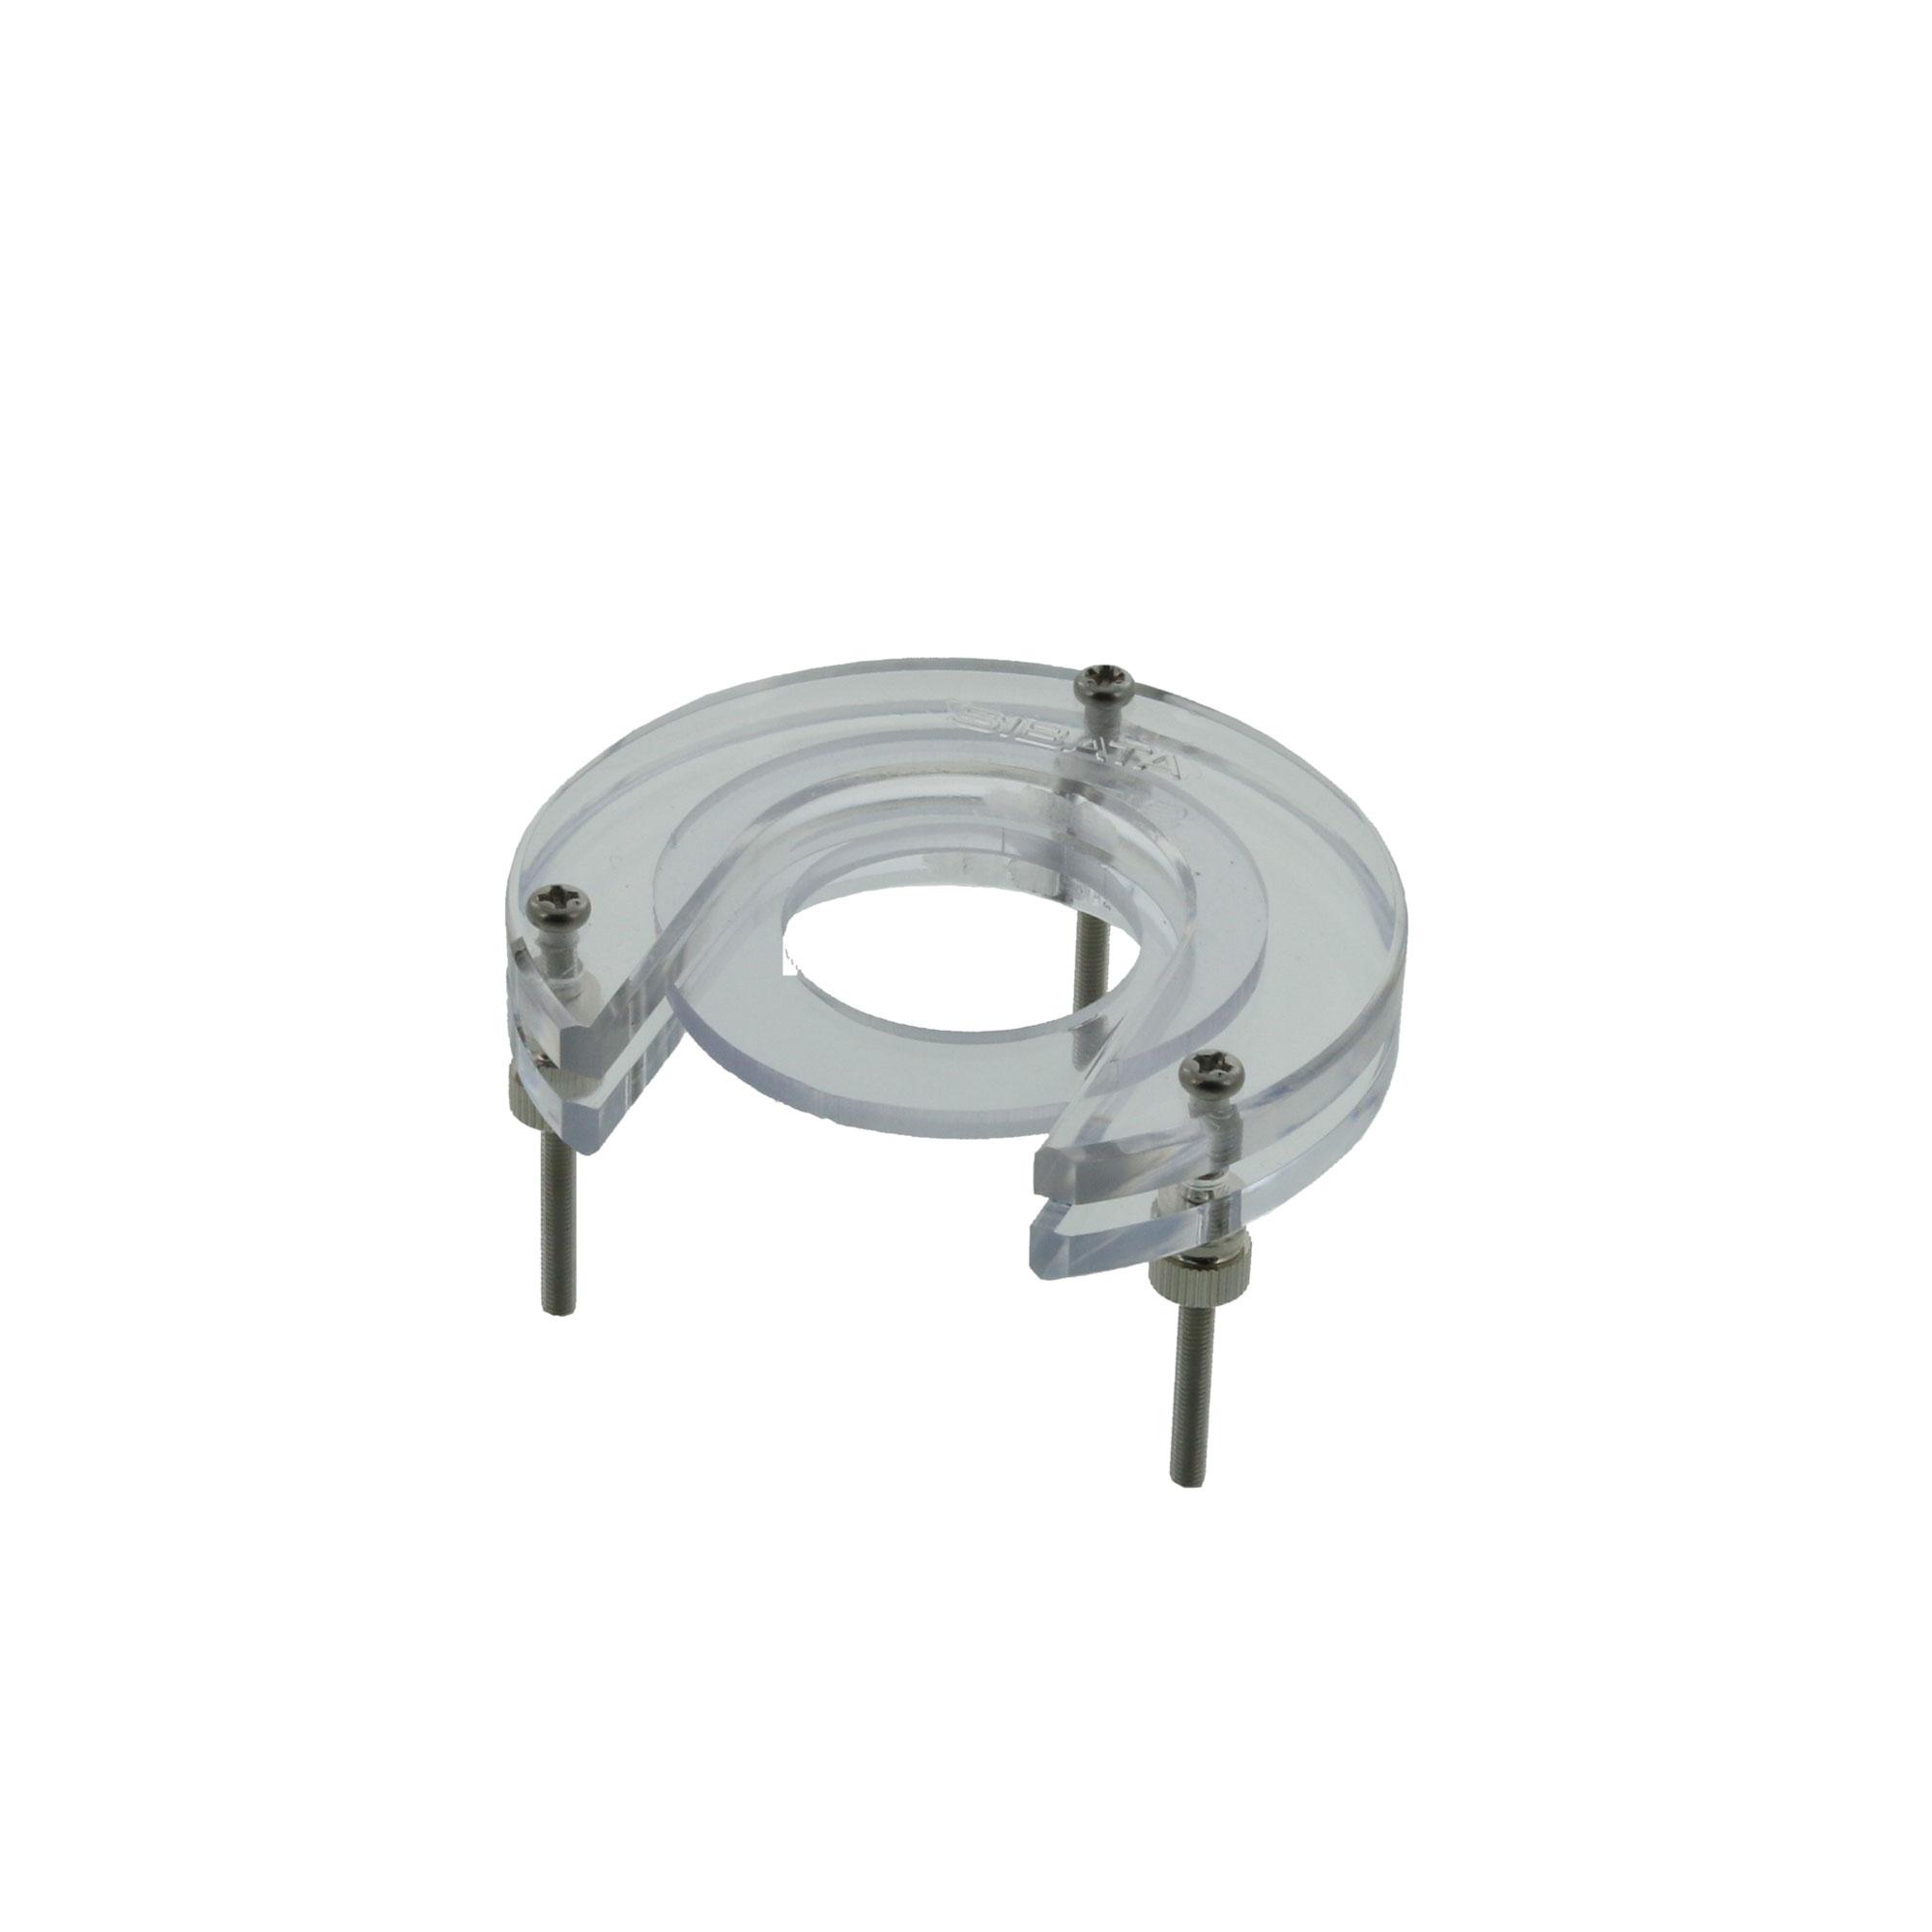 クランプ自動ビュレット用(平面接続用) ビニールパッキン付